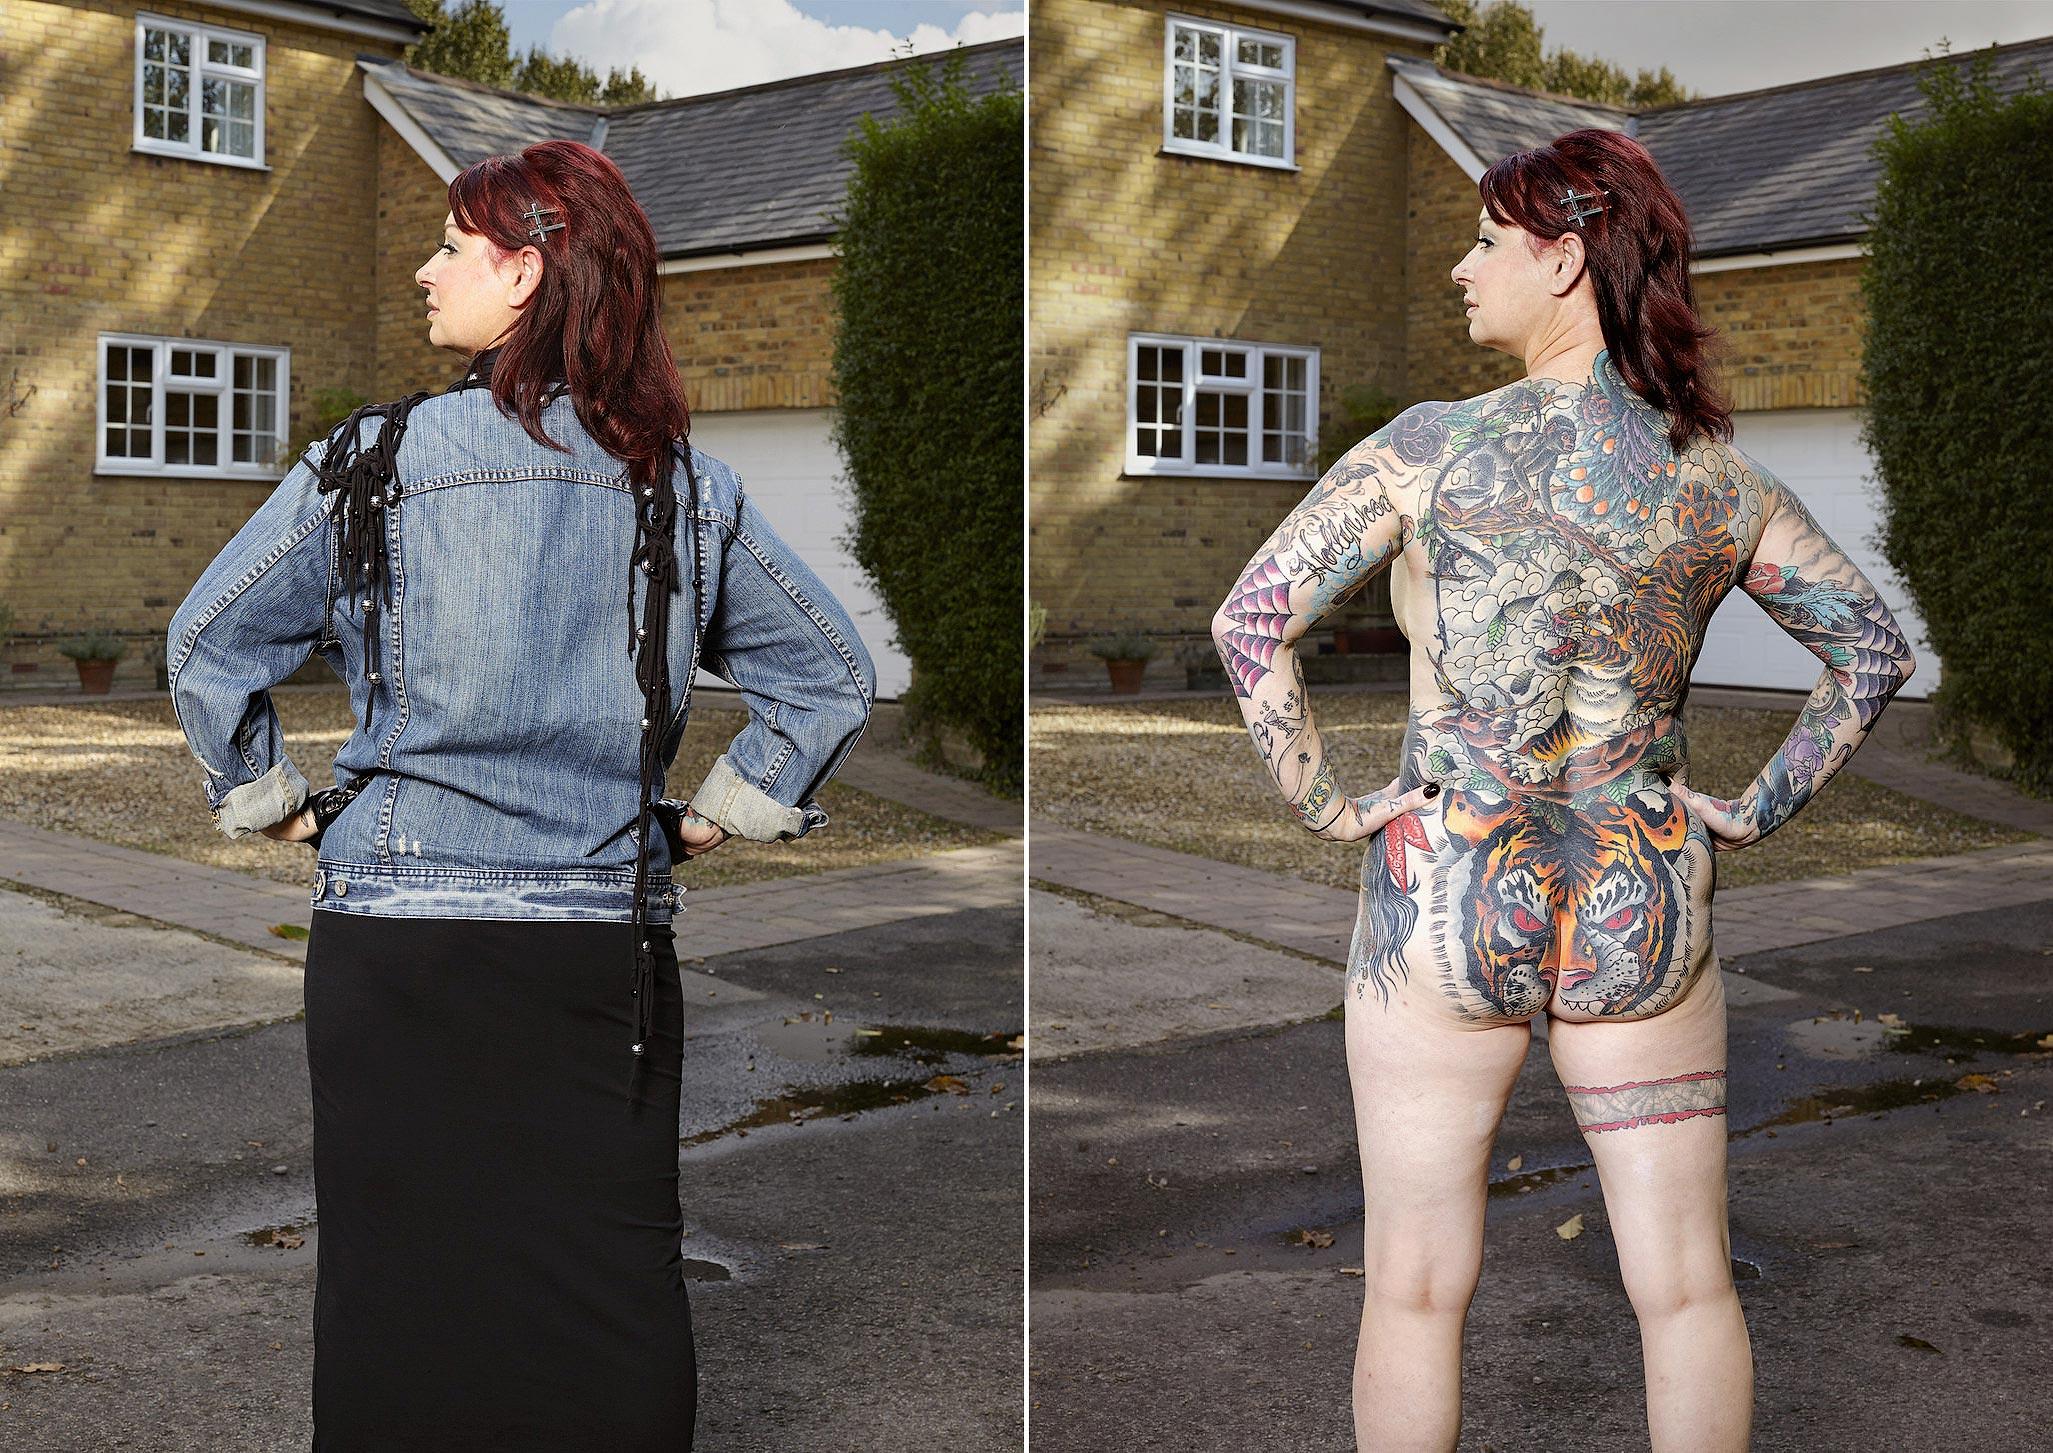 082 14 фото английских любителей тату в одежде и без